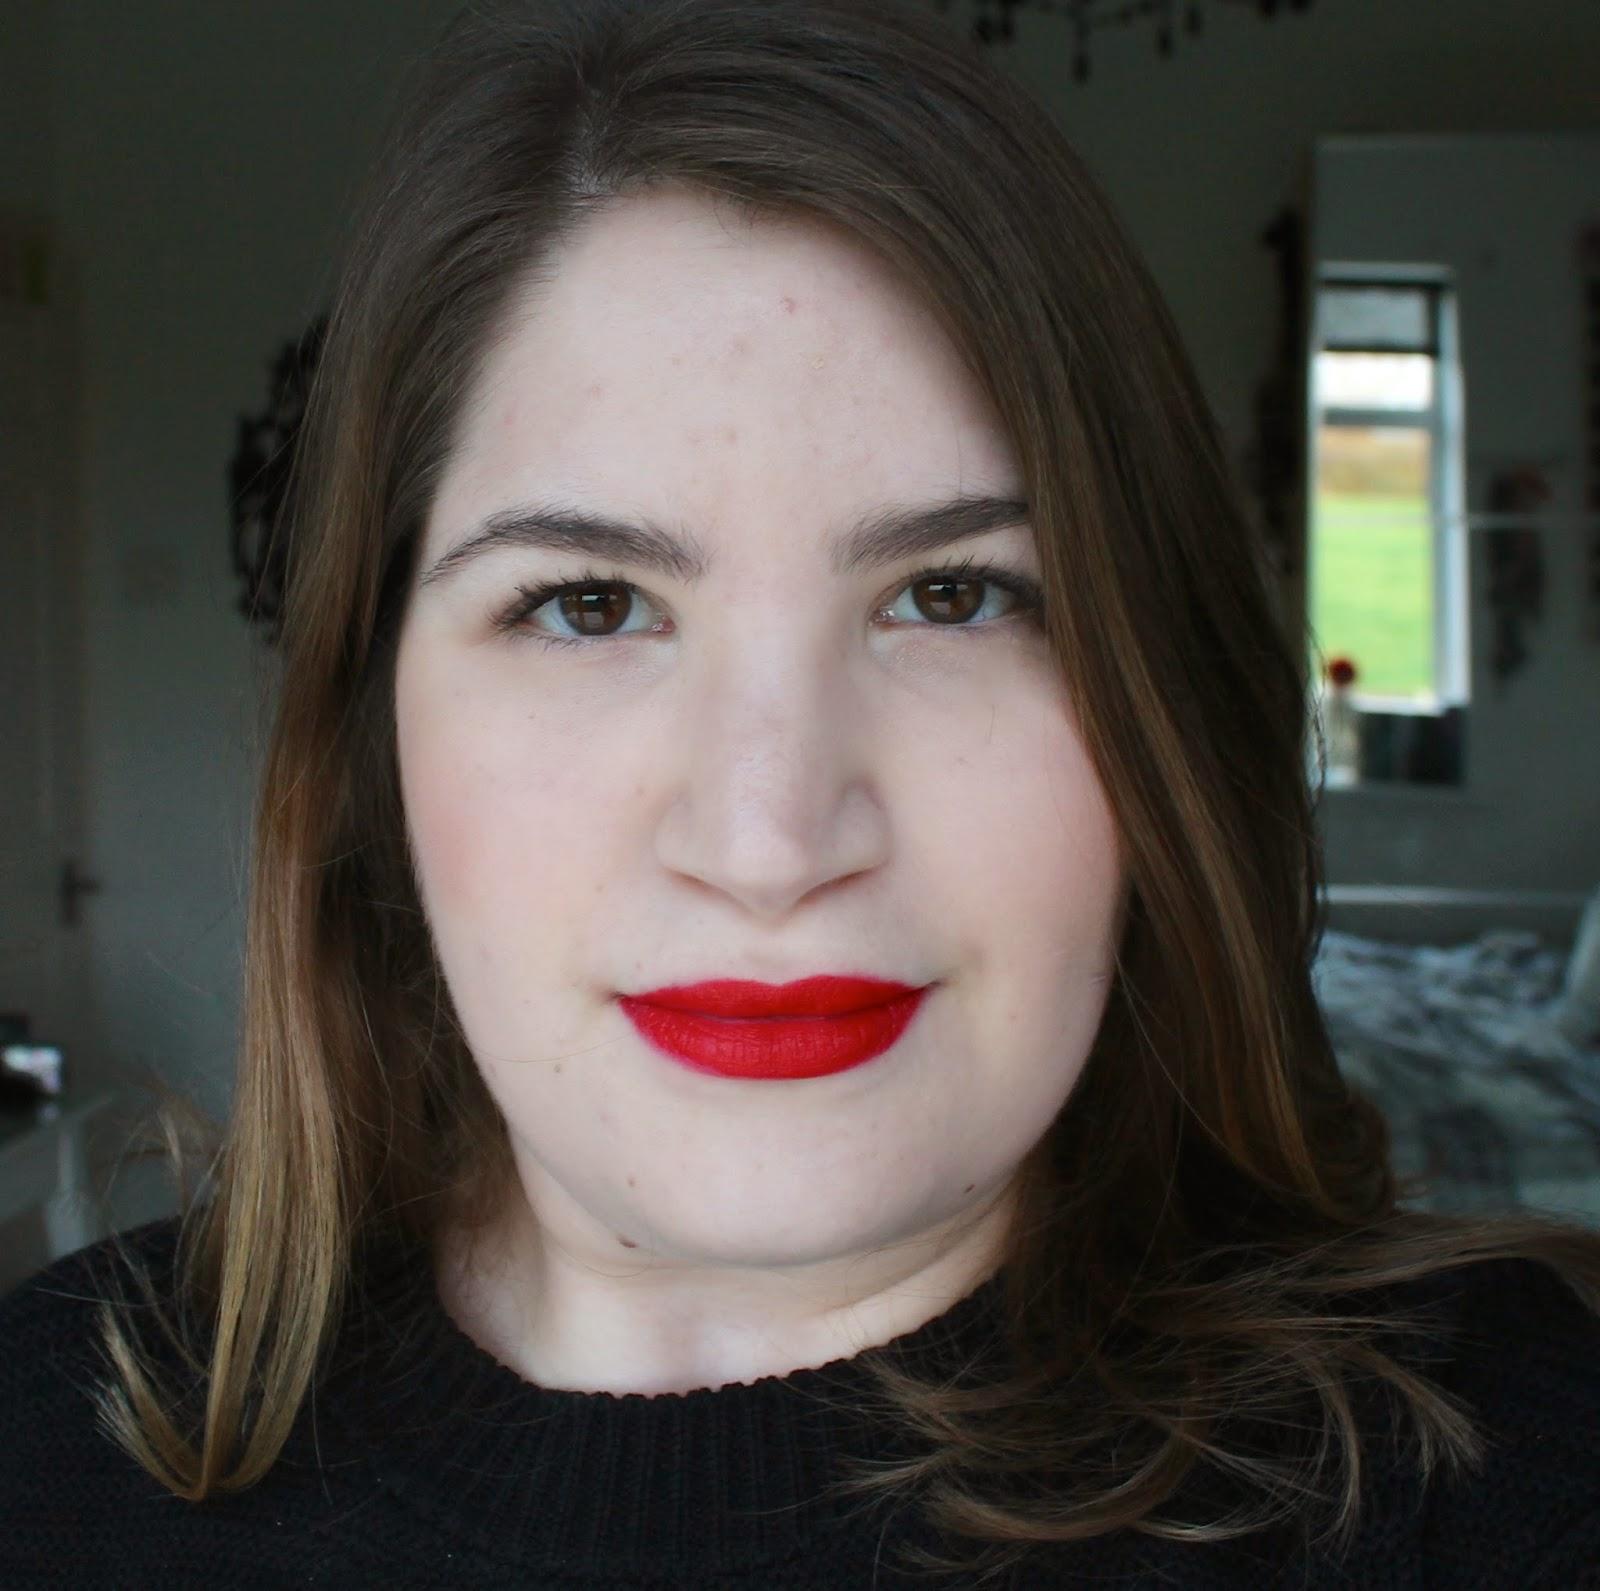 L'oreal Collection Privee Colour Riche Lipstick L'oreal Paris Colour Riche